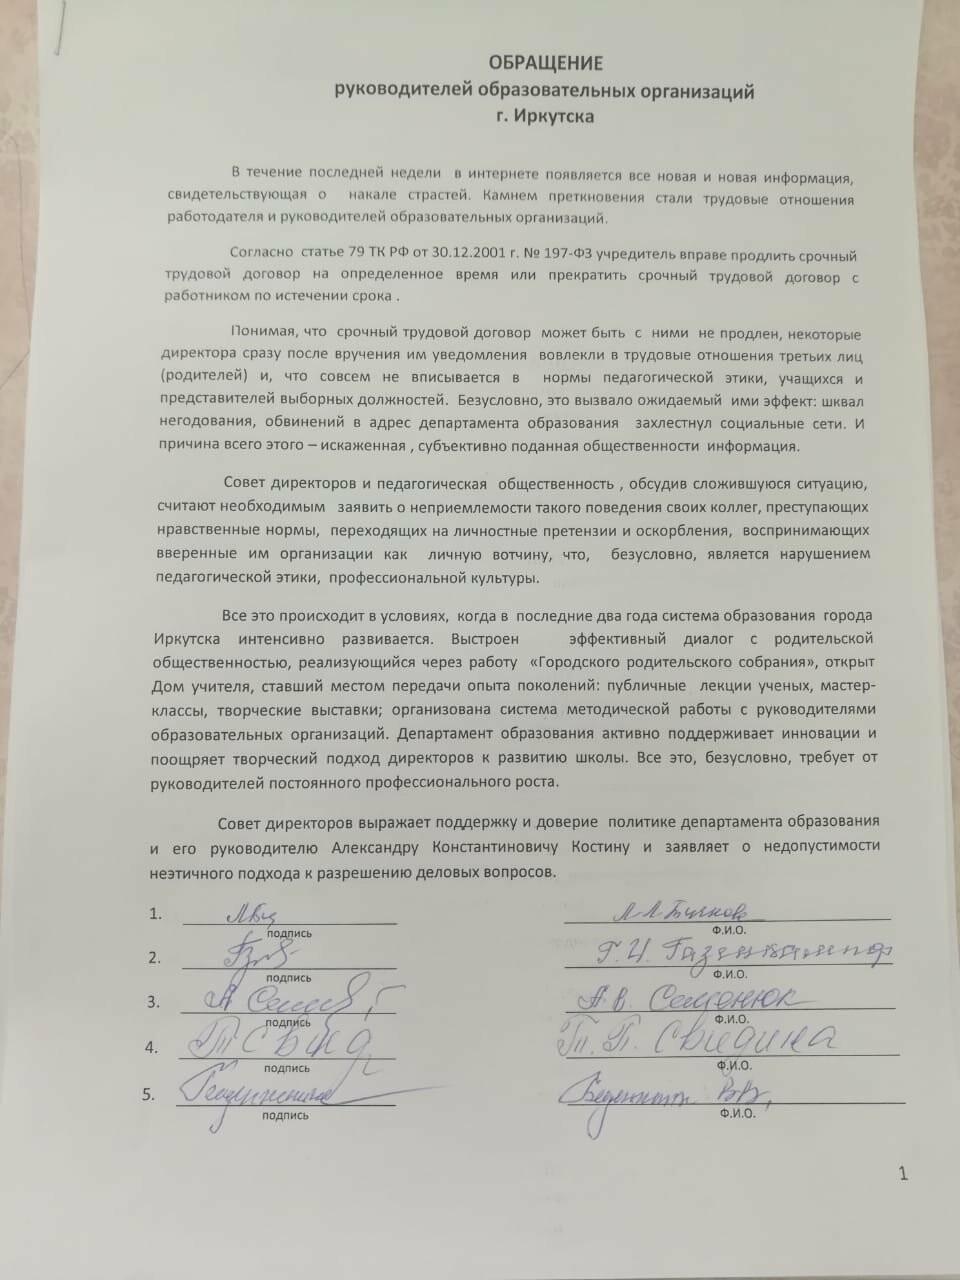 Иркутские педагоги попросили родителей не вмешиваться в кадровые вопросы, фото-1